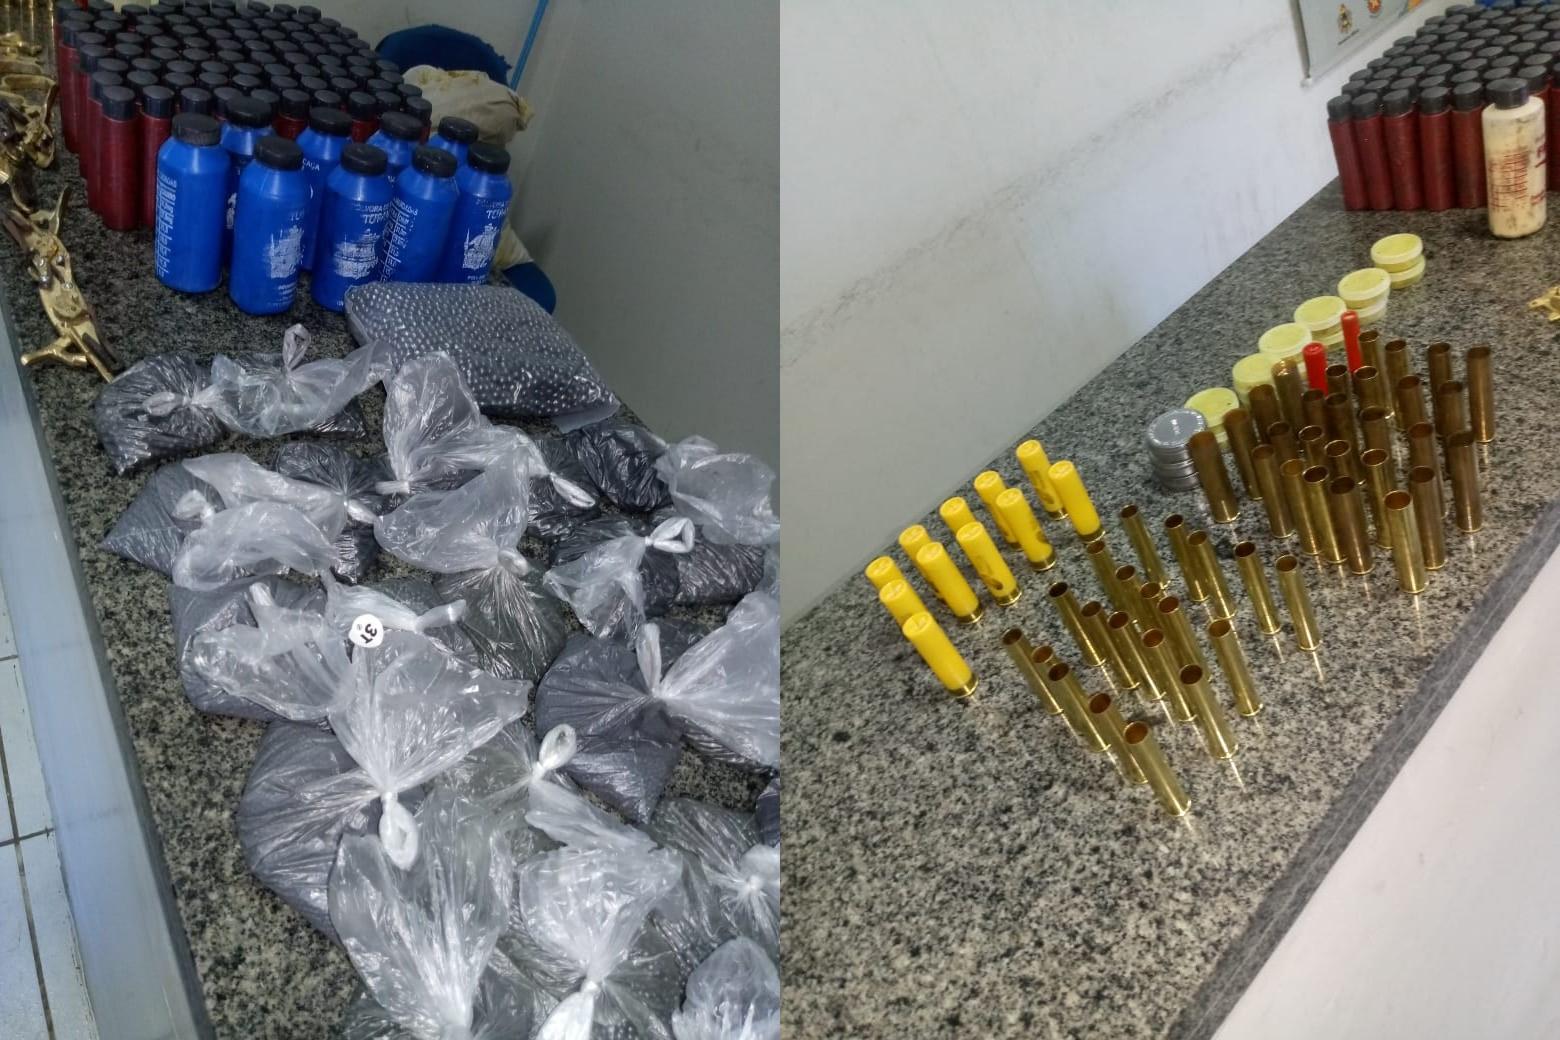 Polícia Militar de Água Doce apreende grande quantidade de munições que estavam sendo comercializadas ilegalmente.